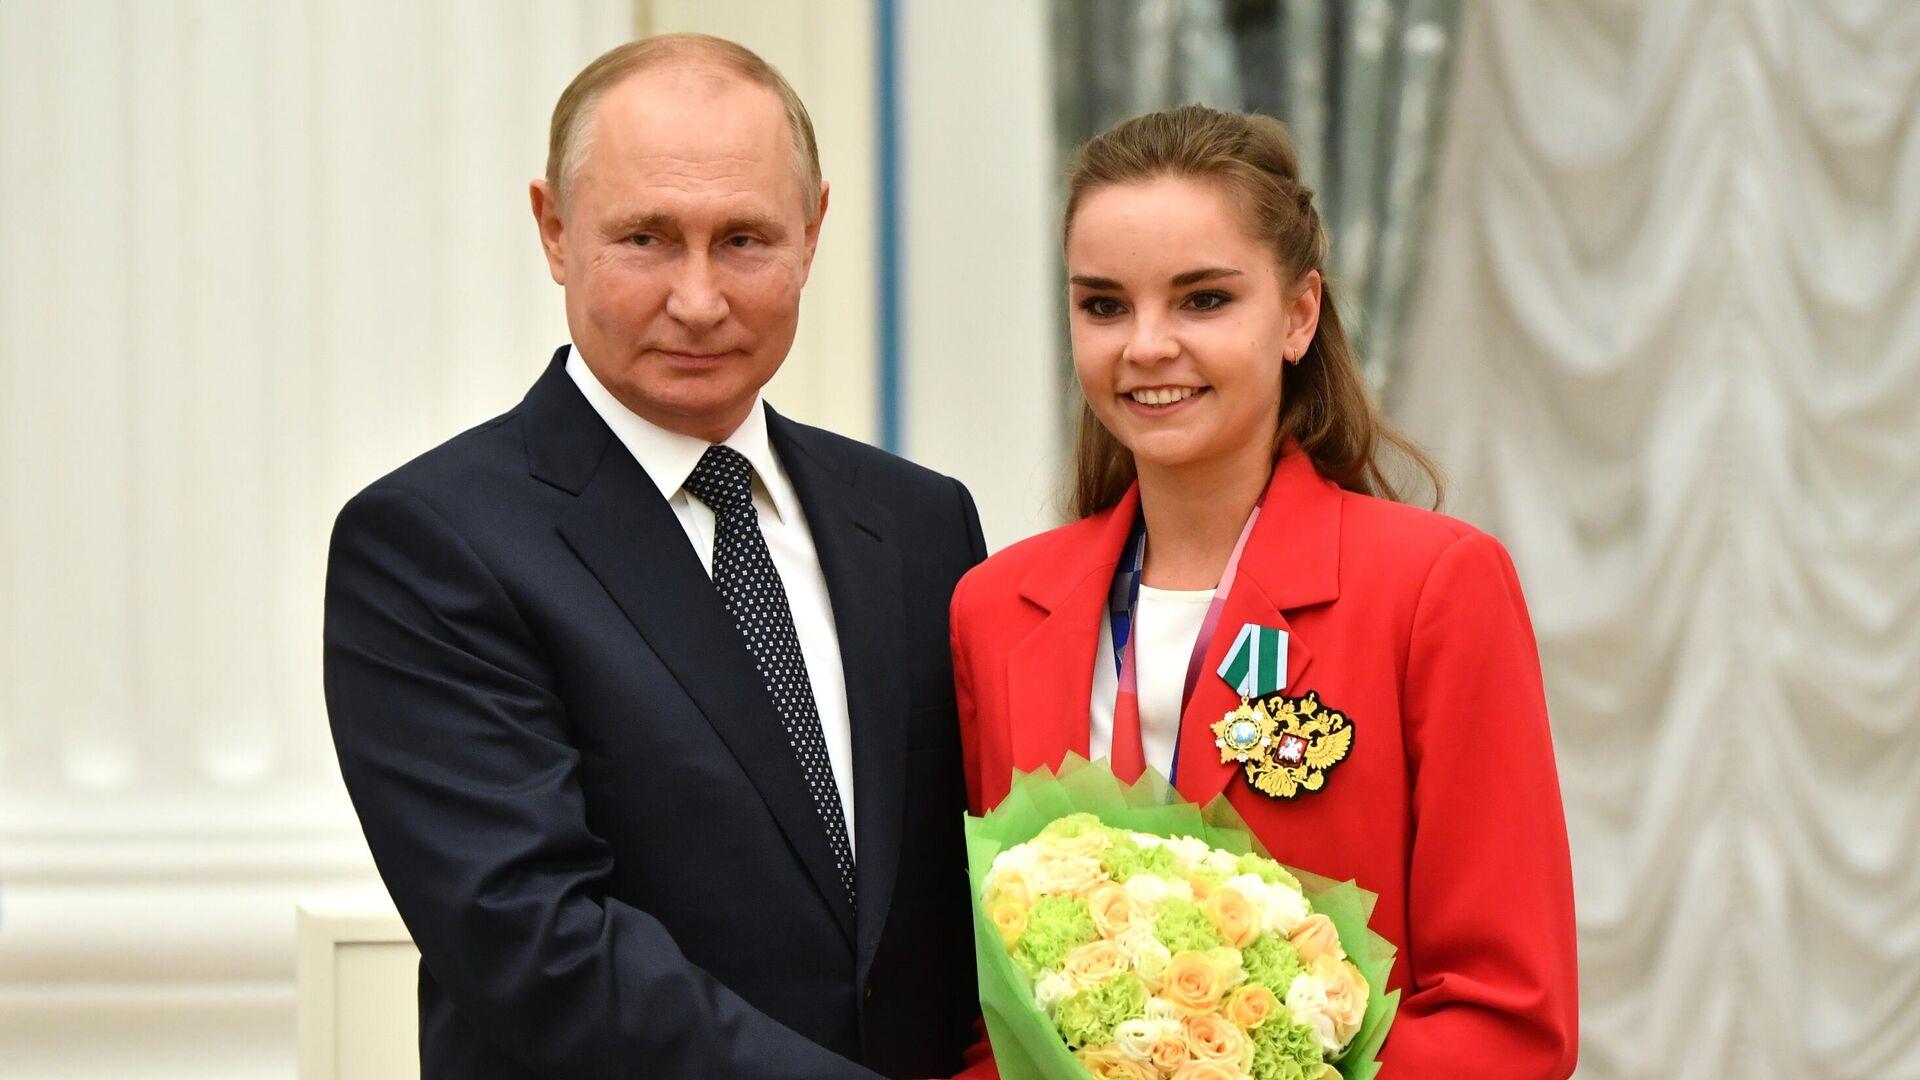 Predsednik Rusije Vladimir Putin i osvajačica srebrne medalje na Olimpijskim igrama u Tokiju Dina Averina u Kremlju - Sputnik Srbija, 1920, 12.09.2021